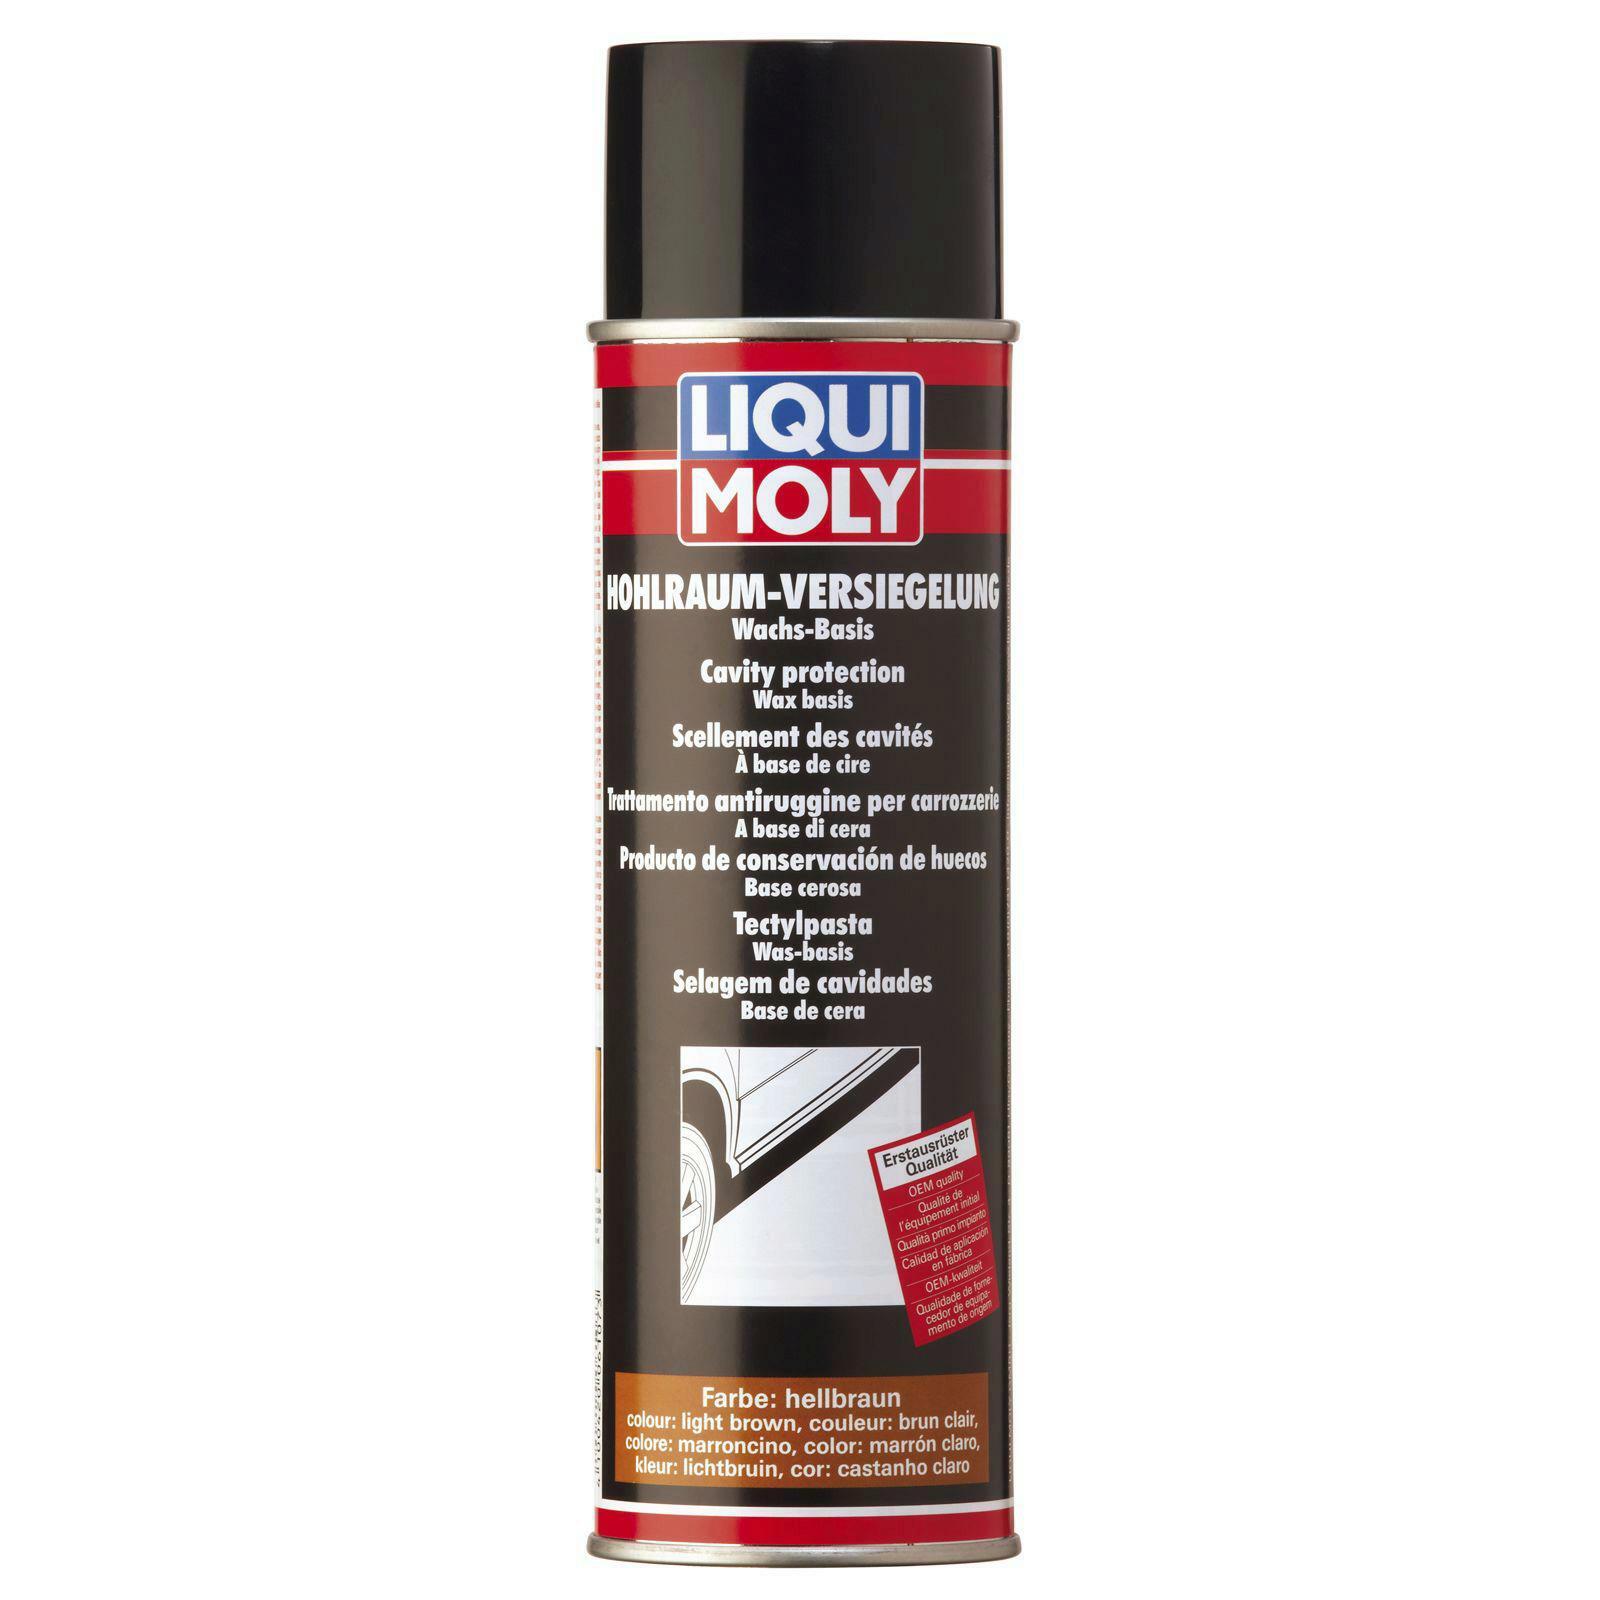 Liqui Moly Hohlraum-Versiegelung hellbraun 500ml